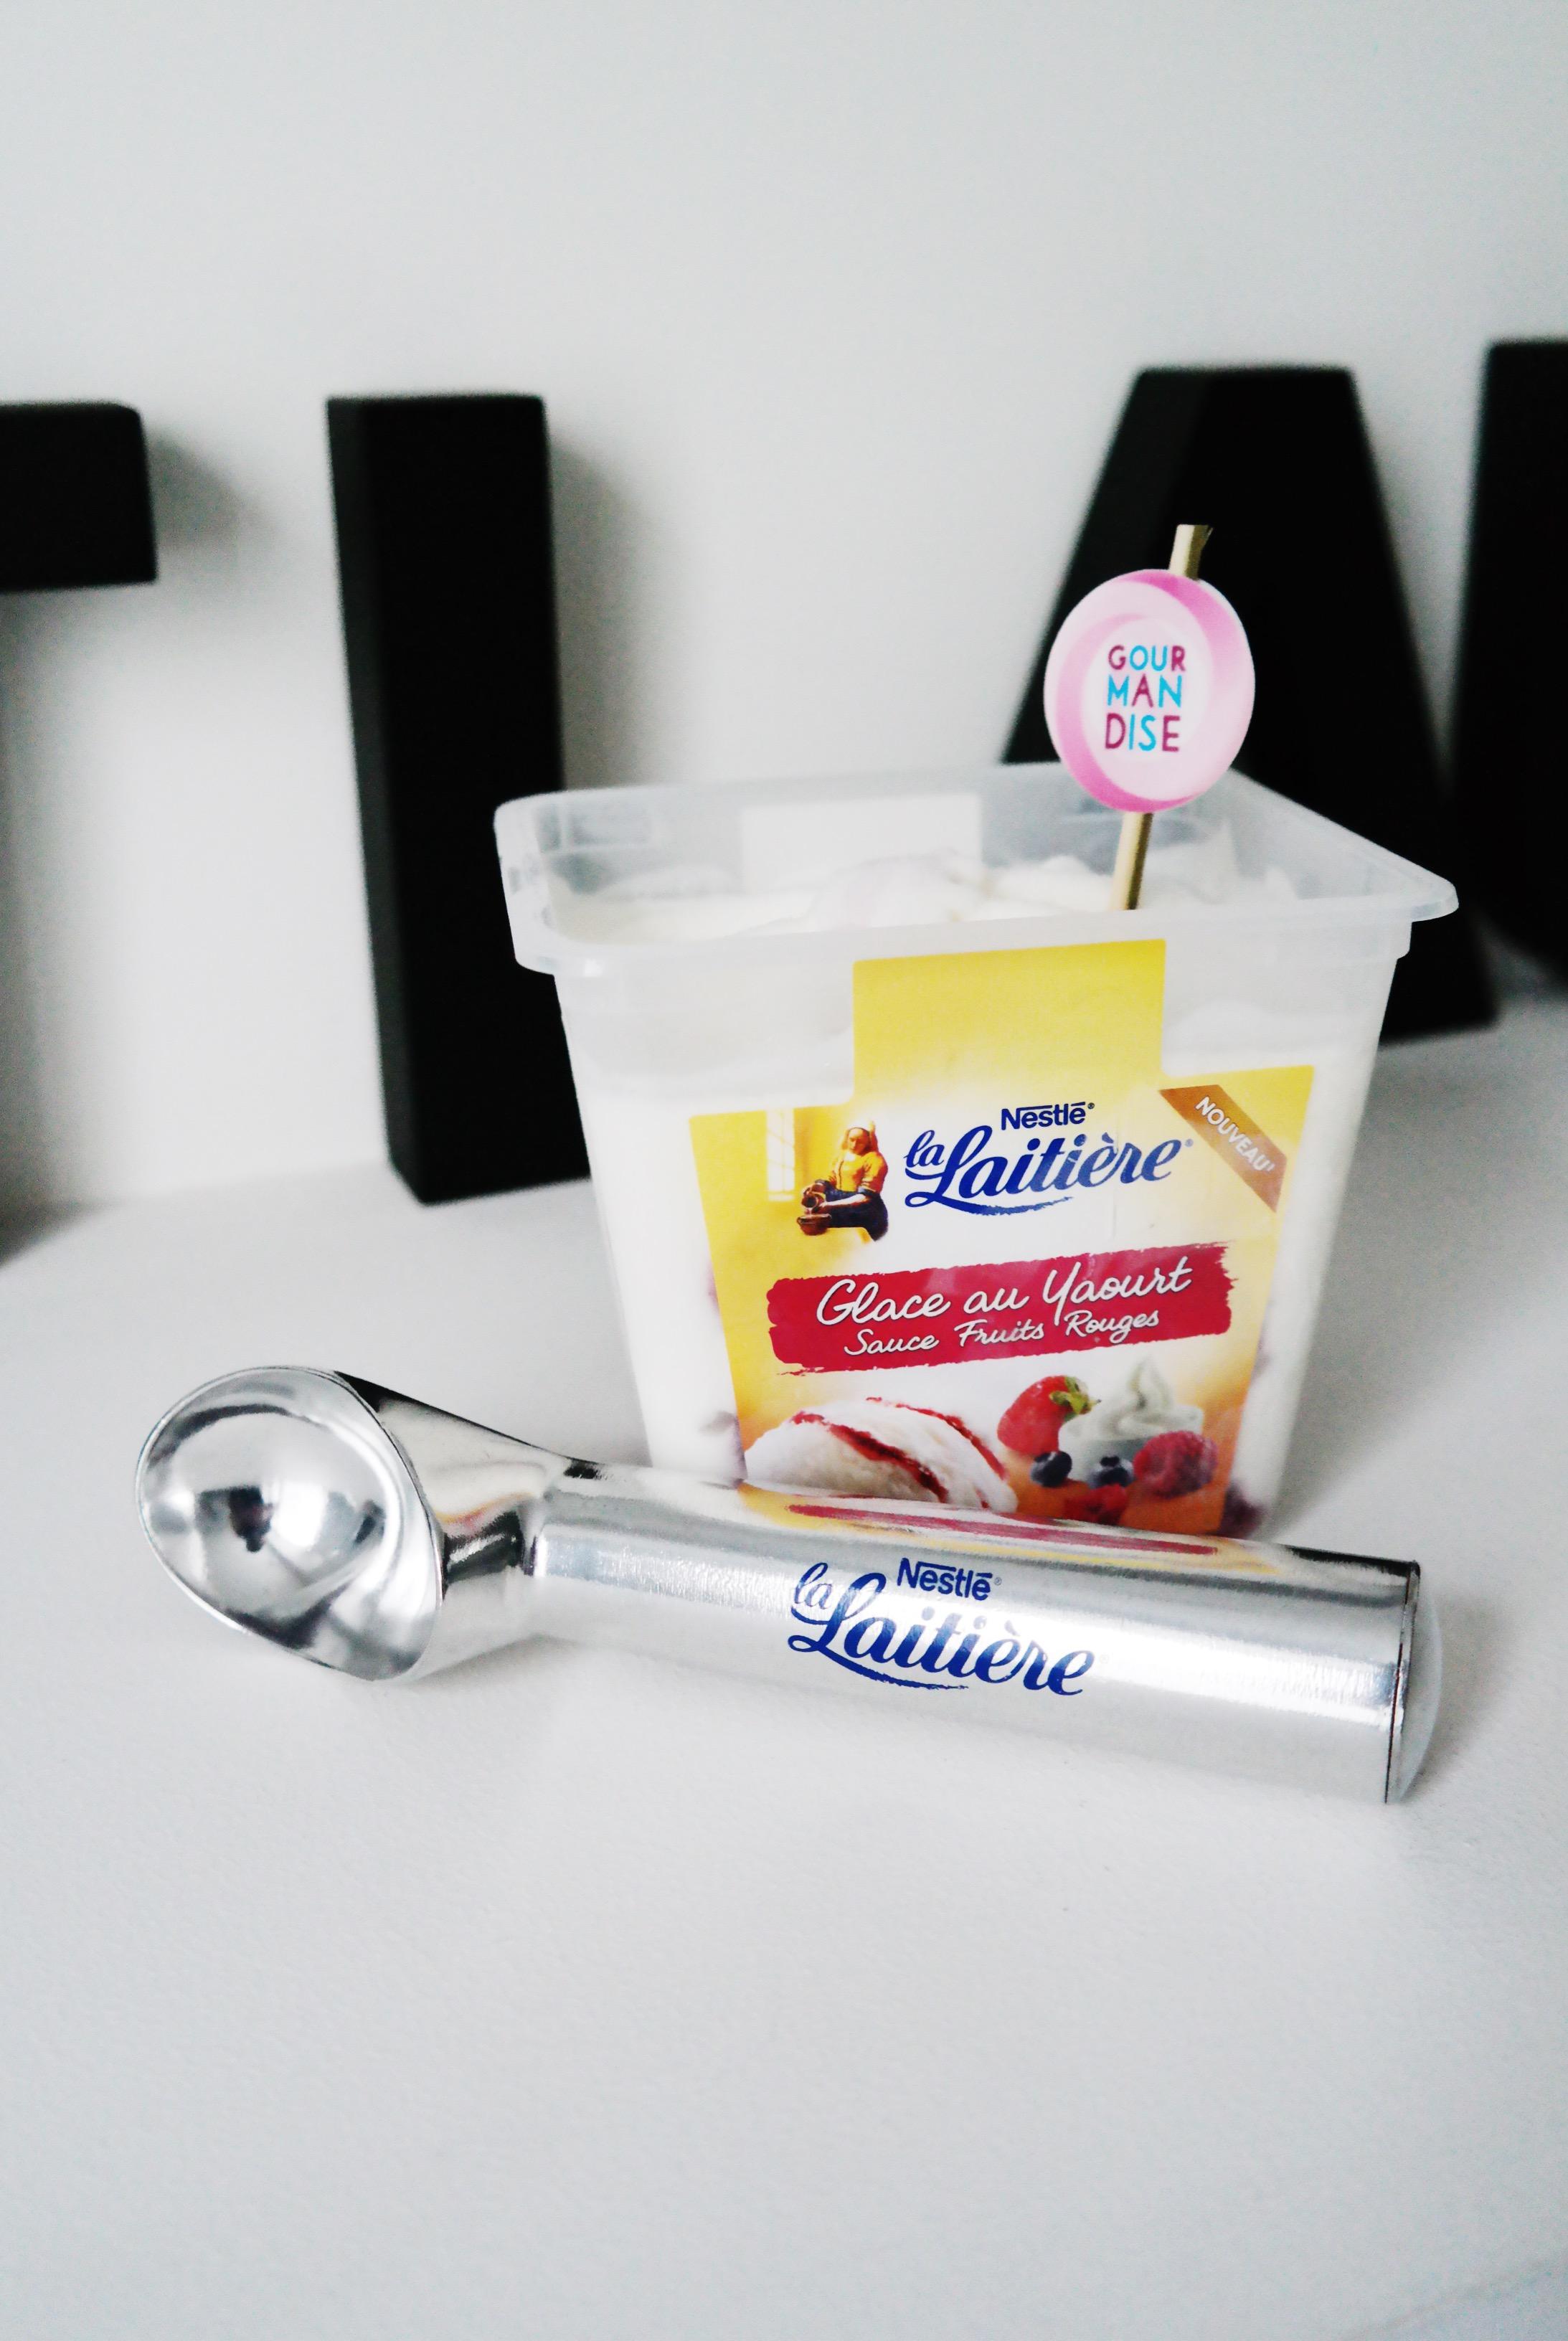 La-Laitière-Glaces-saveur-yaourt-sauce-fruits-rouges-nouveau-pot-bac-nestlé-avec-cuillère-portionneuse-boule-de-glace-manche-eutectique-photo-usofparis-blog